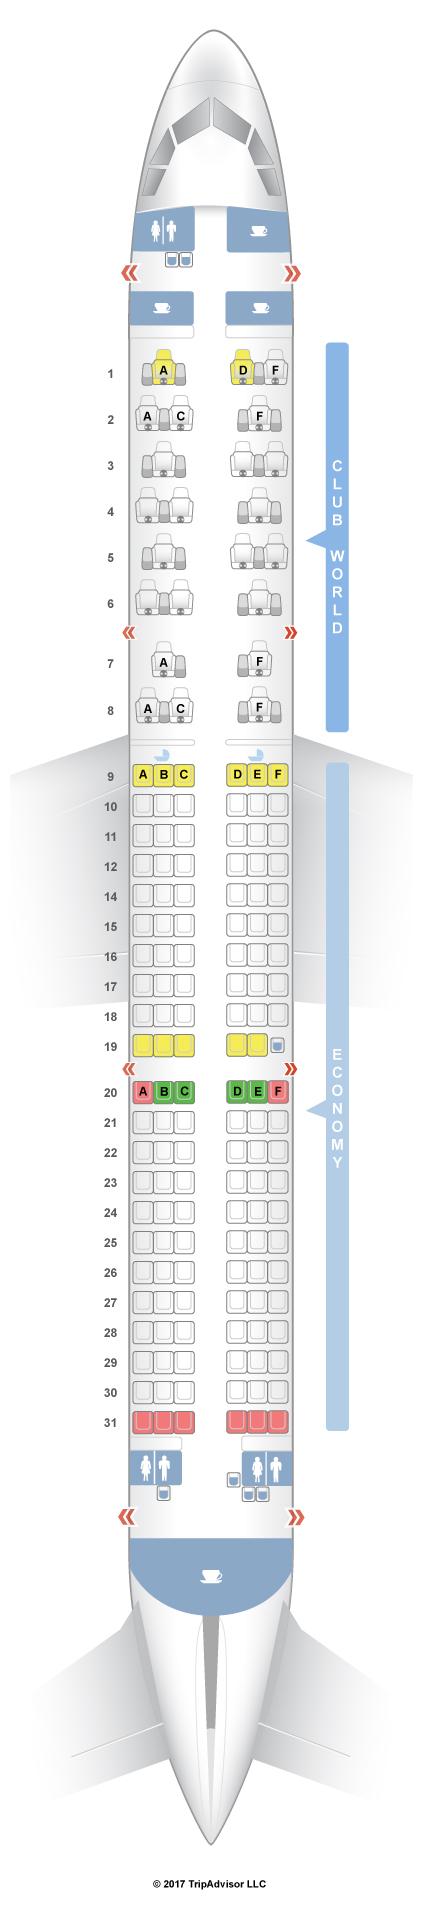 British airways seat assignments